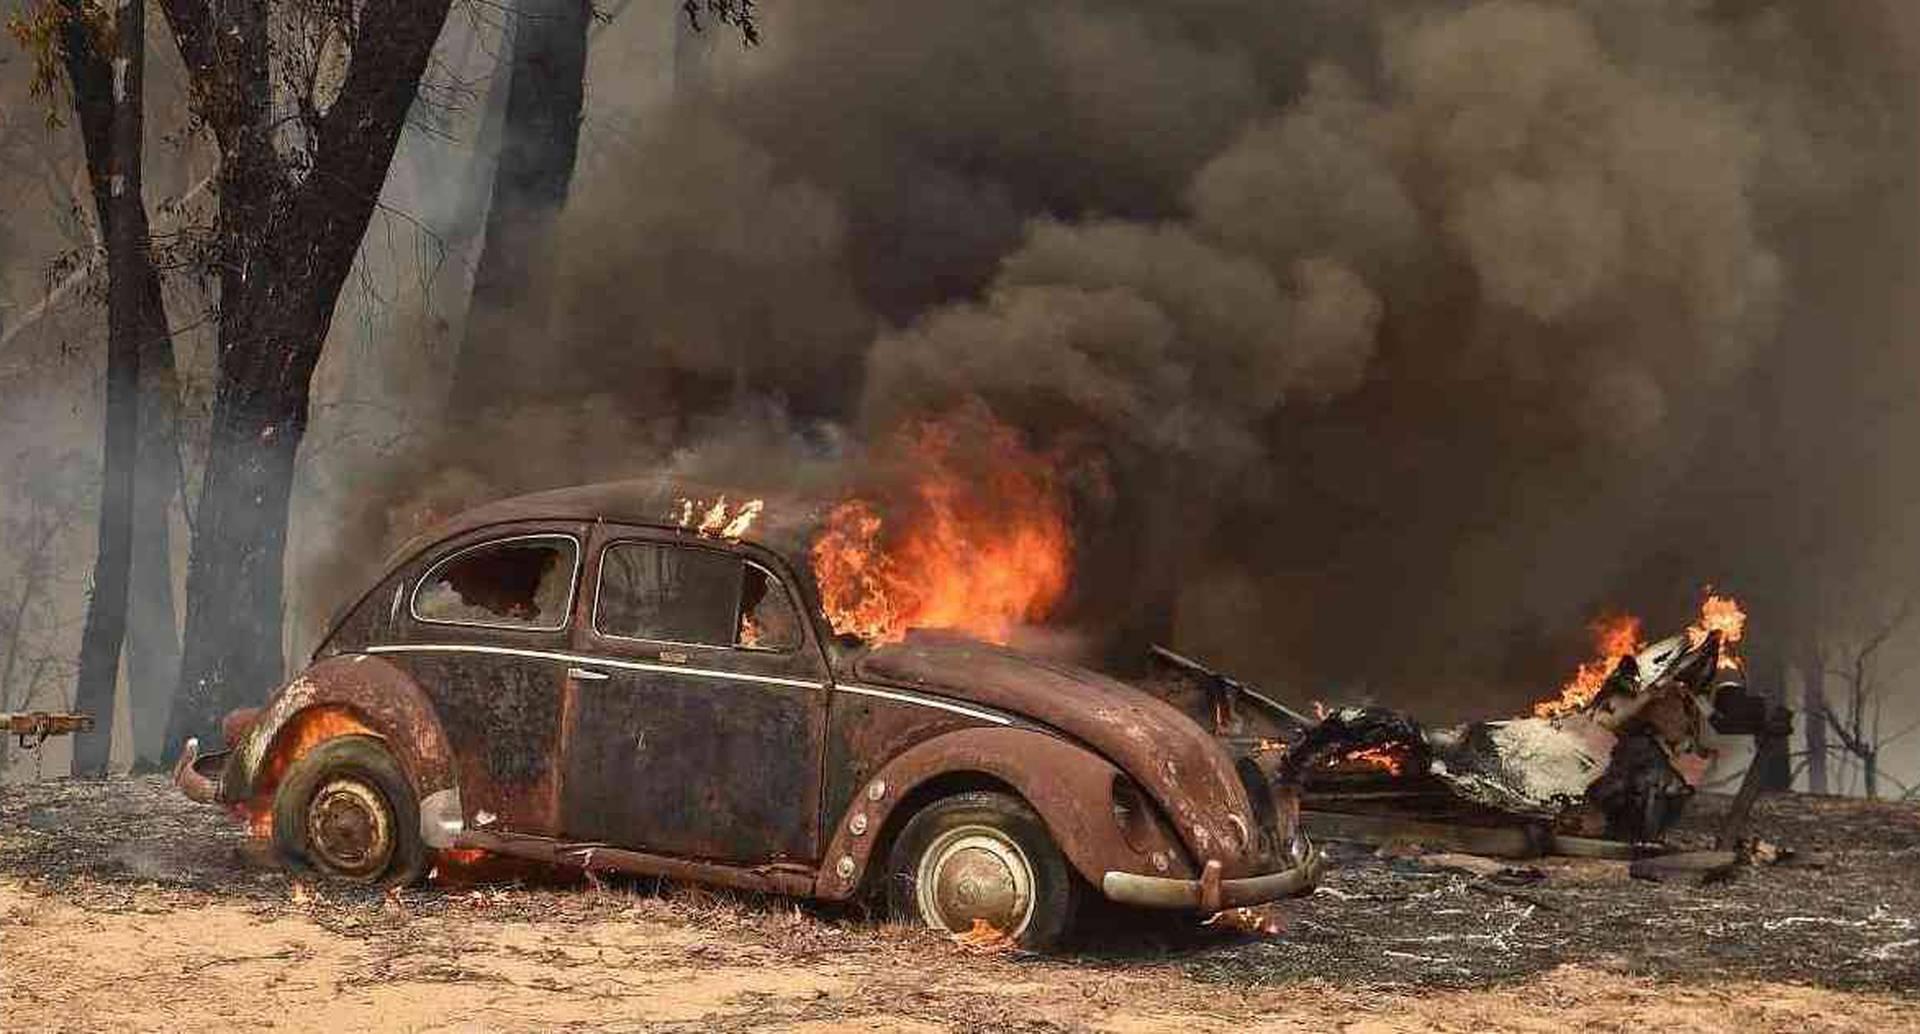 Los incendios se hacen cada vez más frecuentes en el país oceánico.